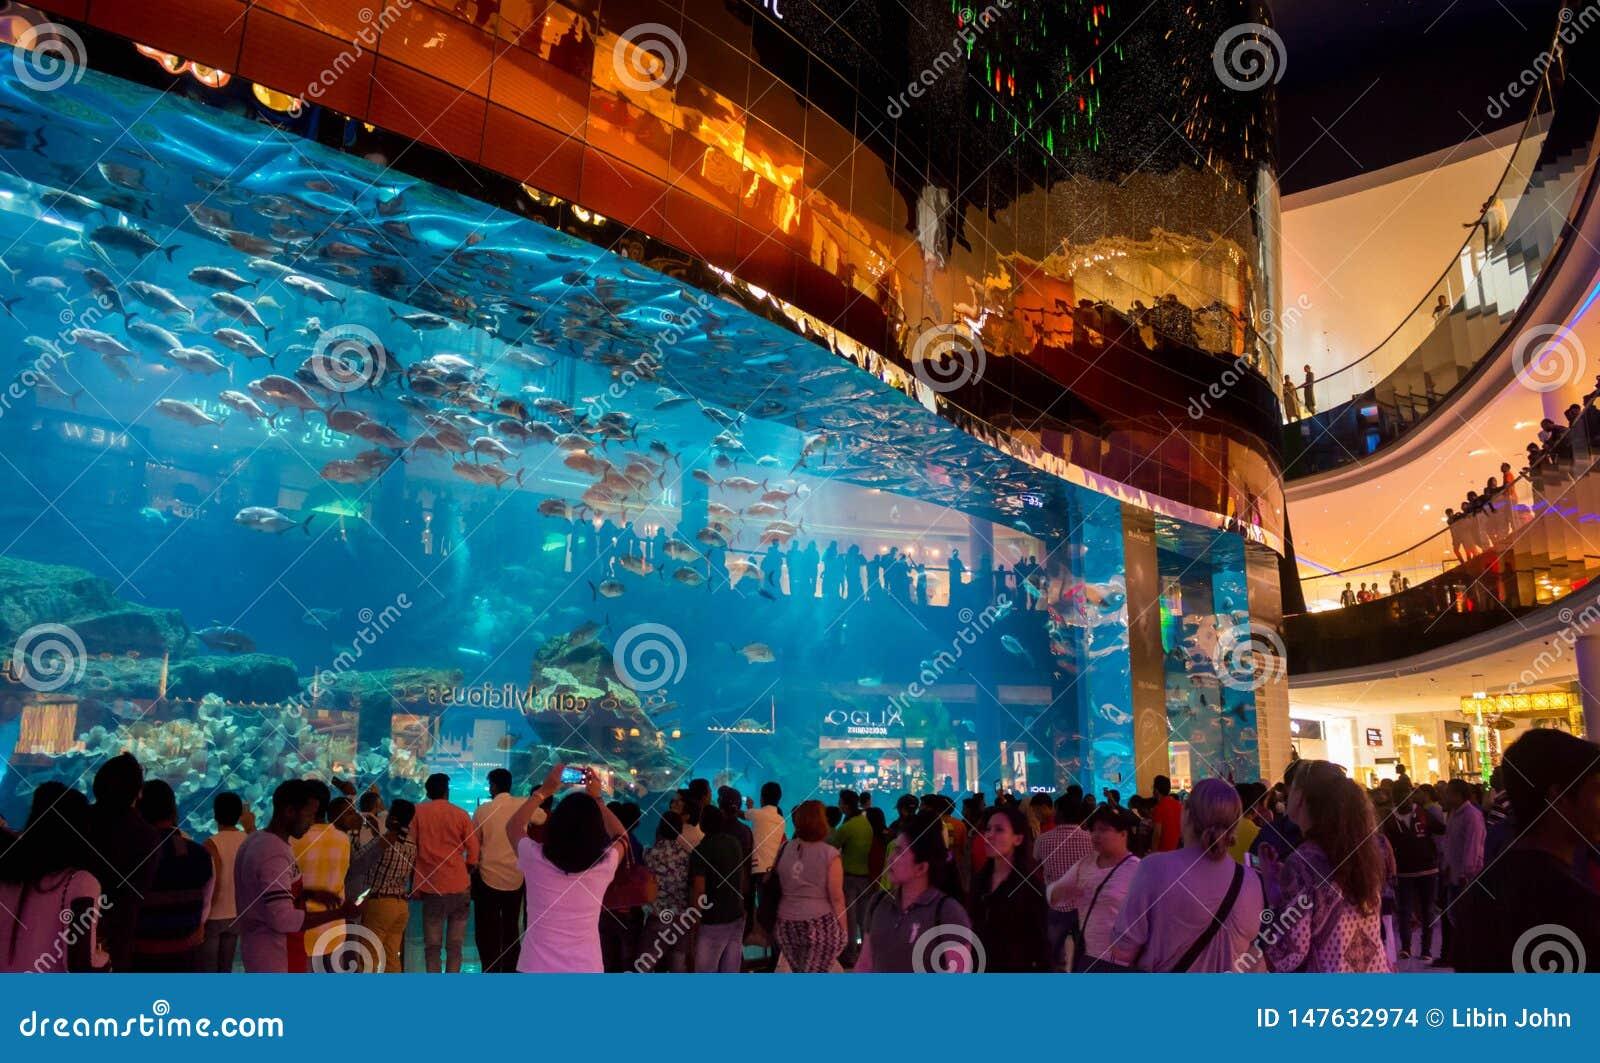 Λαοί που προσέχουν το μεγαλύτερα ενυδρείο και τα ψάρια στη λεωφόρο του Ντουμπάι